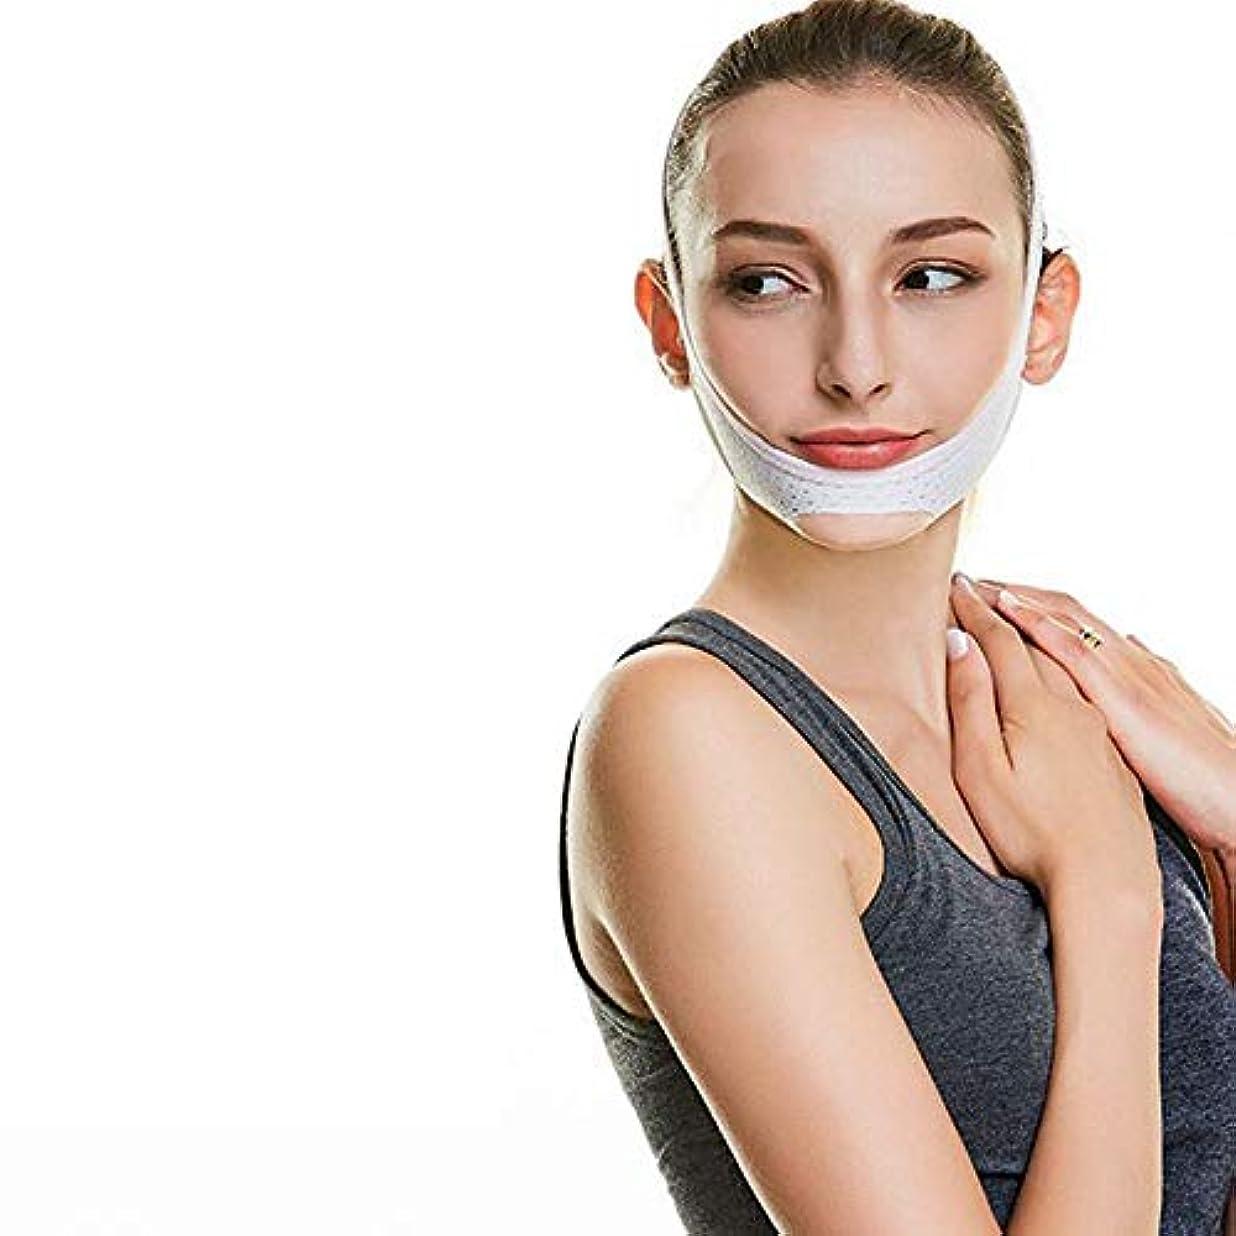 注目すべき特異性オークVフェイスライン包帯、顎ほぐれ防止防シワマスク極薄ベルト/ダブルチンフェイスタイプアライナ(ホワイト)